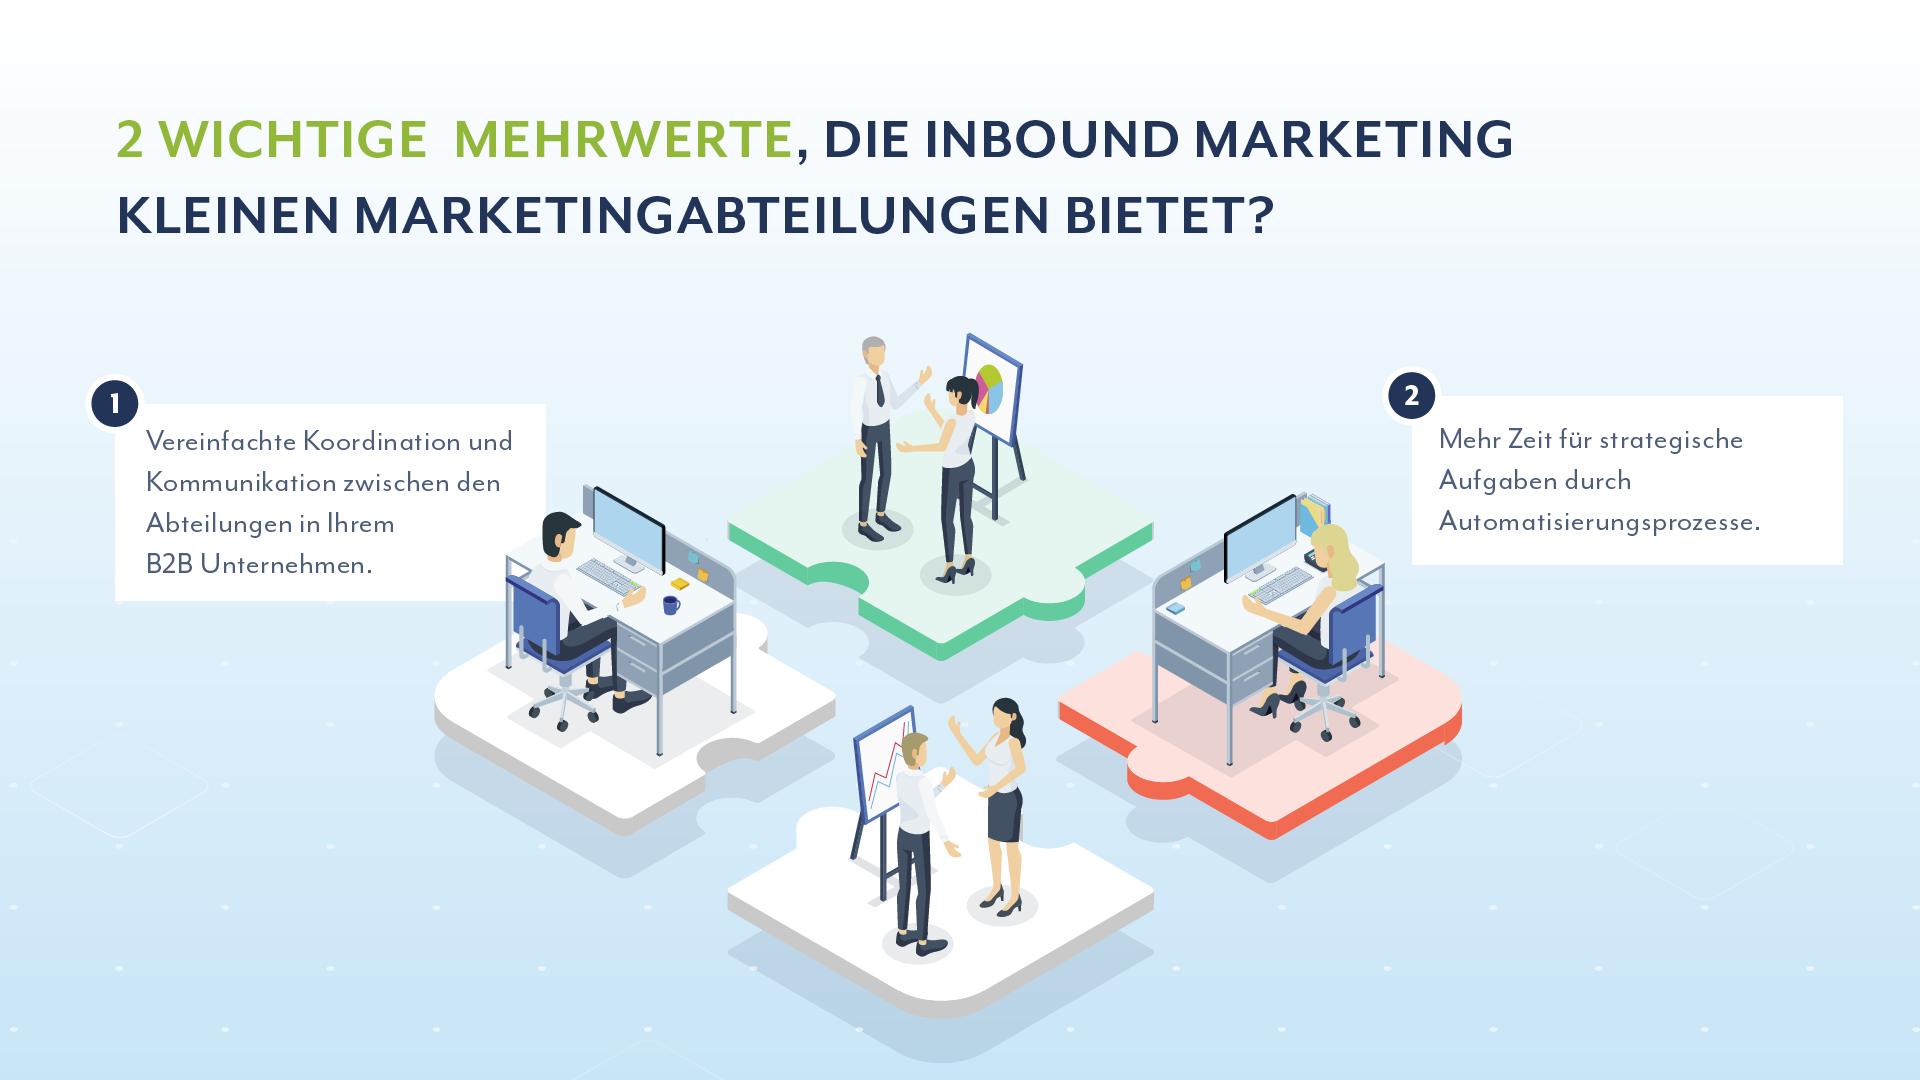 2 wichtige Mehrwerte, die Inbound Marketing kleinen Marketingabteilungen bietet